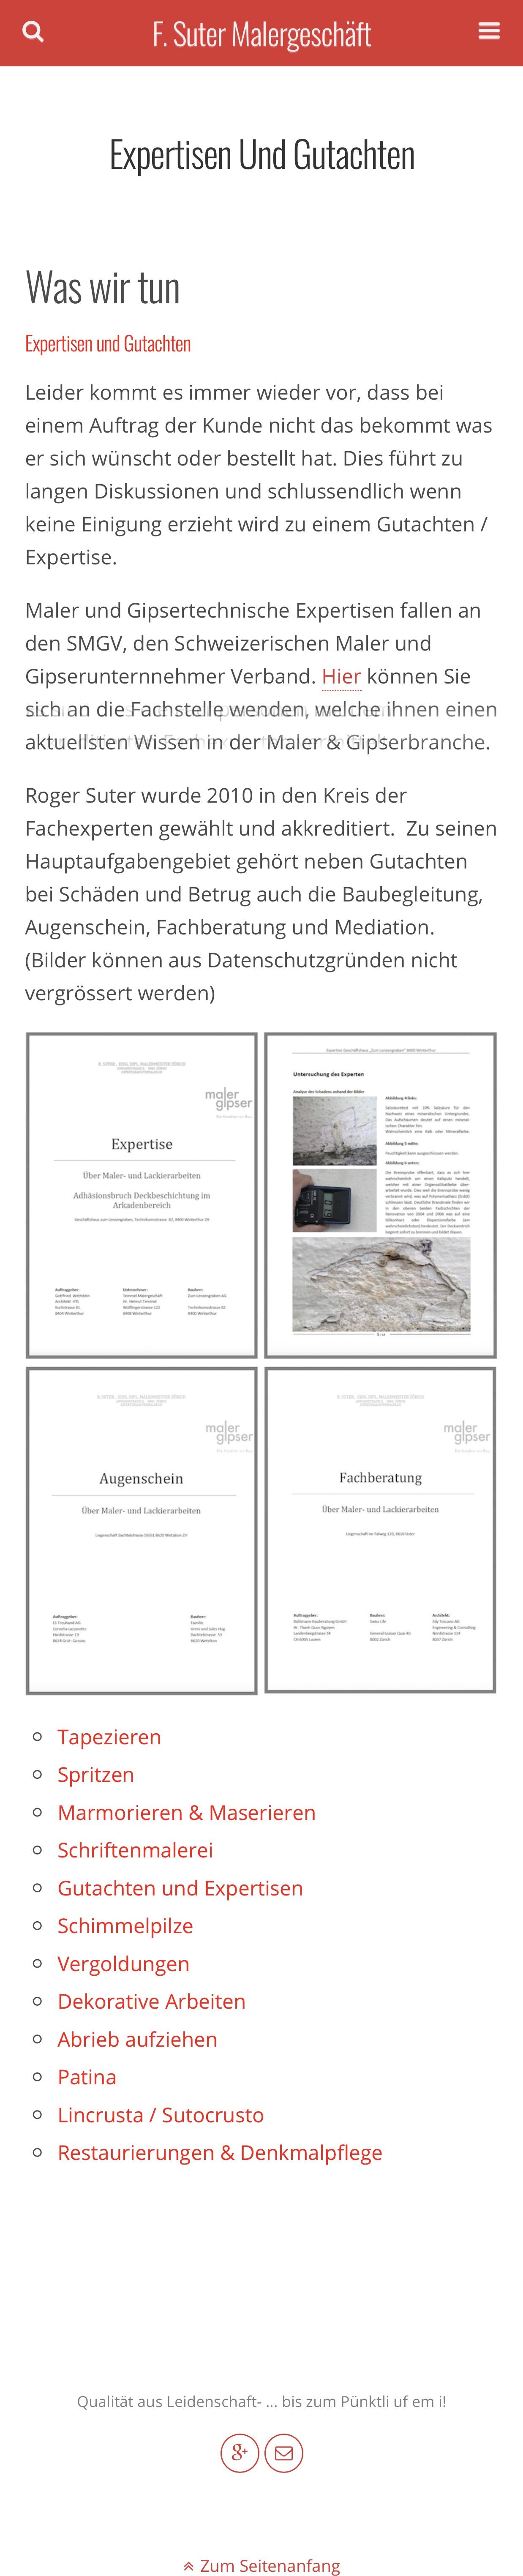 Expertise-classic-mobile.jpg